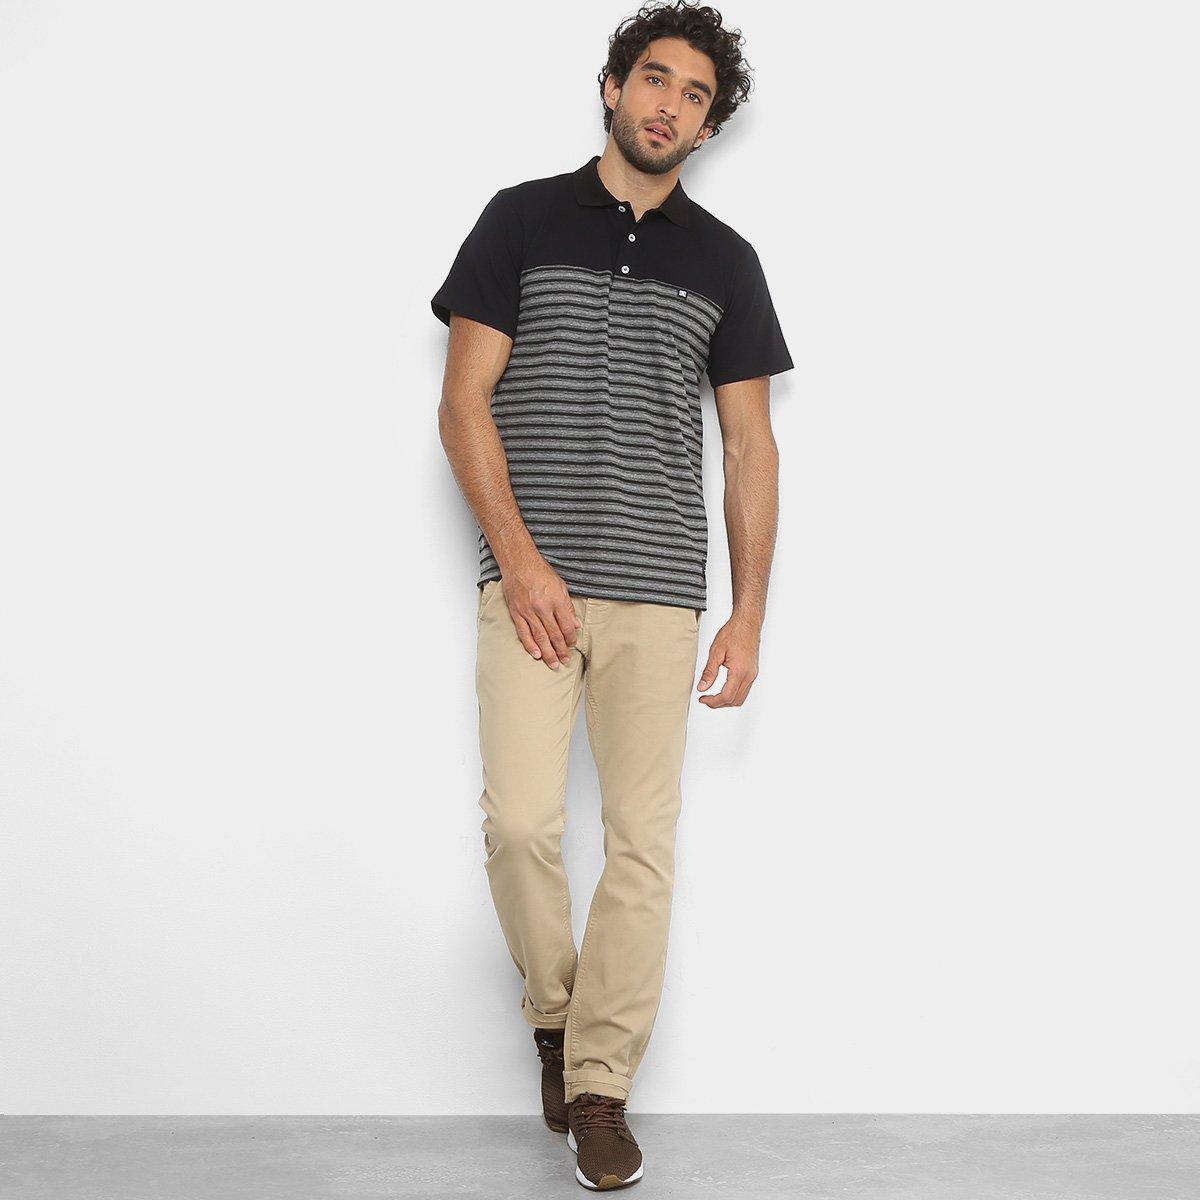 Camisa Polo DC Shoes Listras Masculina - Compre Agora  6479100ee92